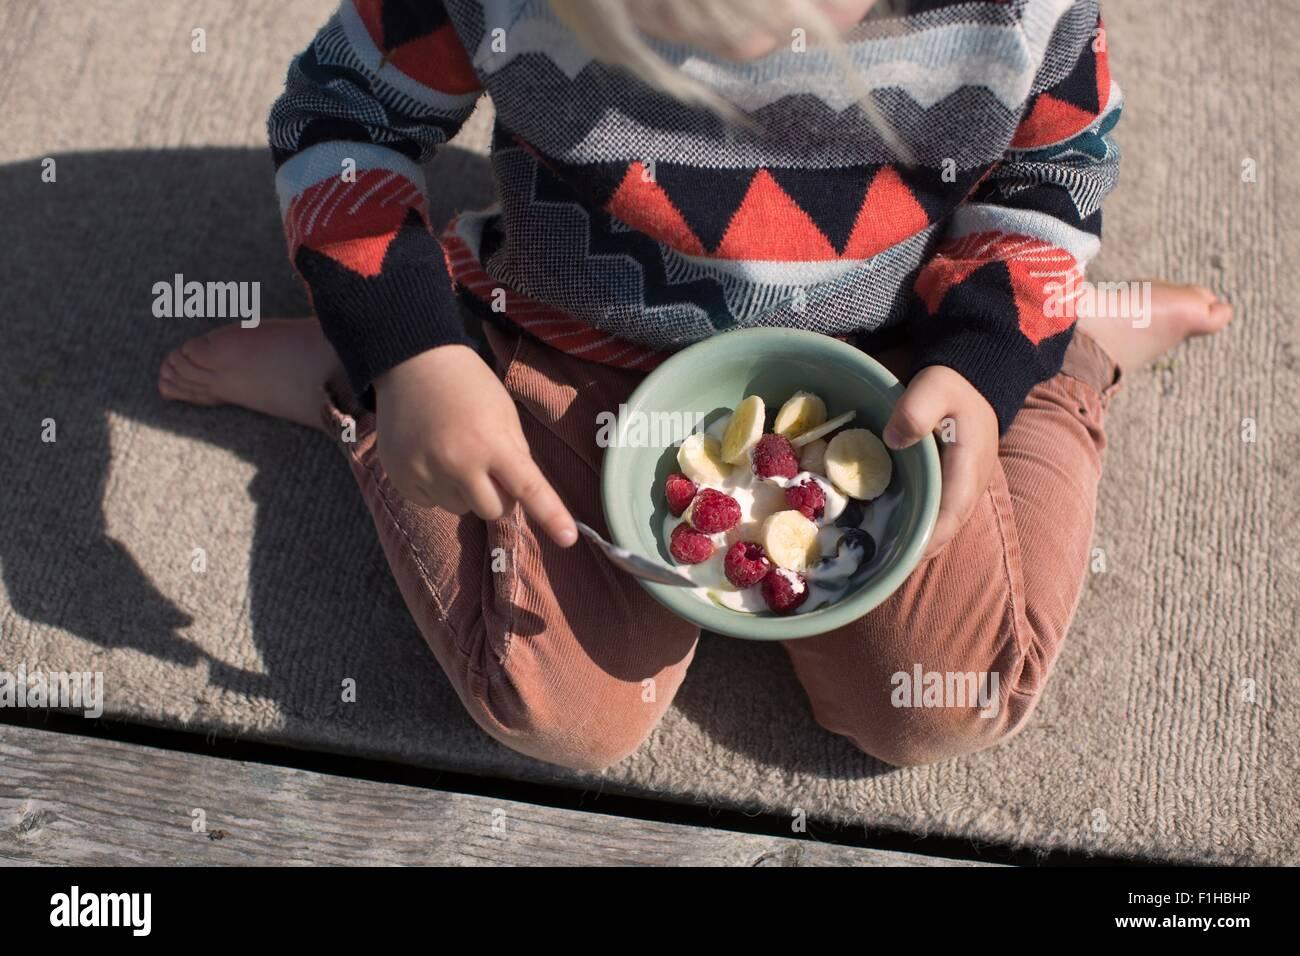 Junge mit Obstschale, hoher Winkel Stockbild